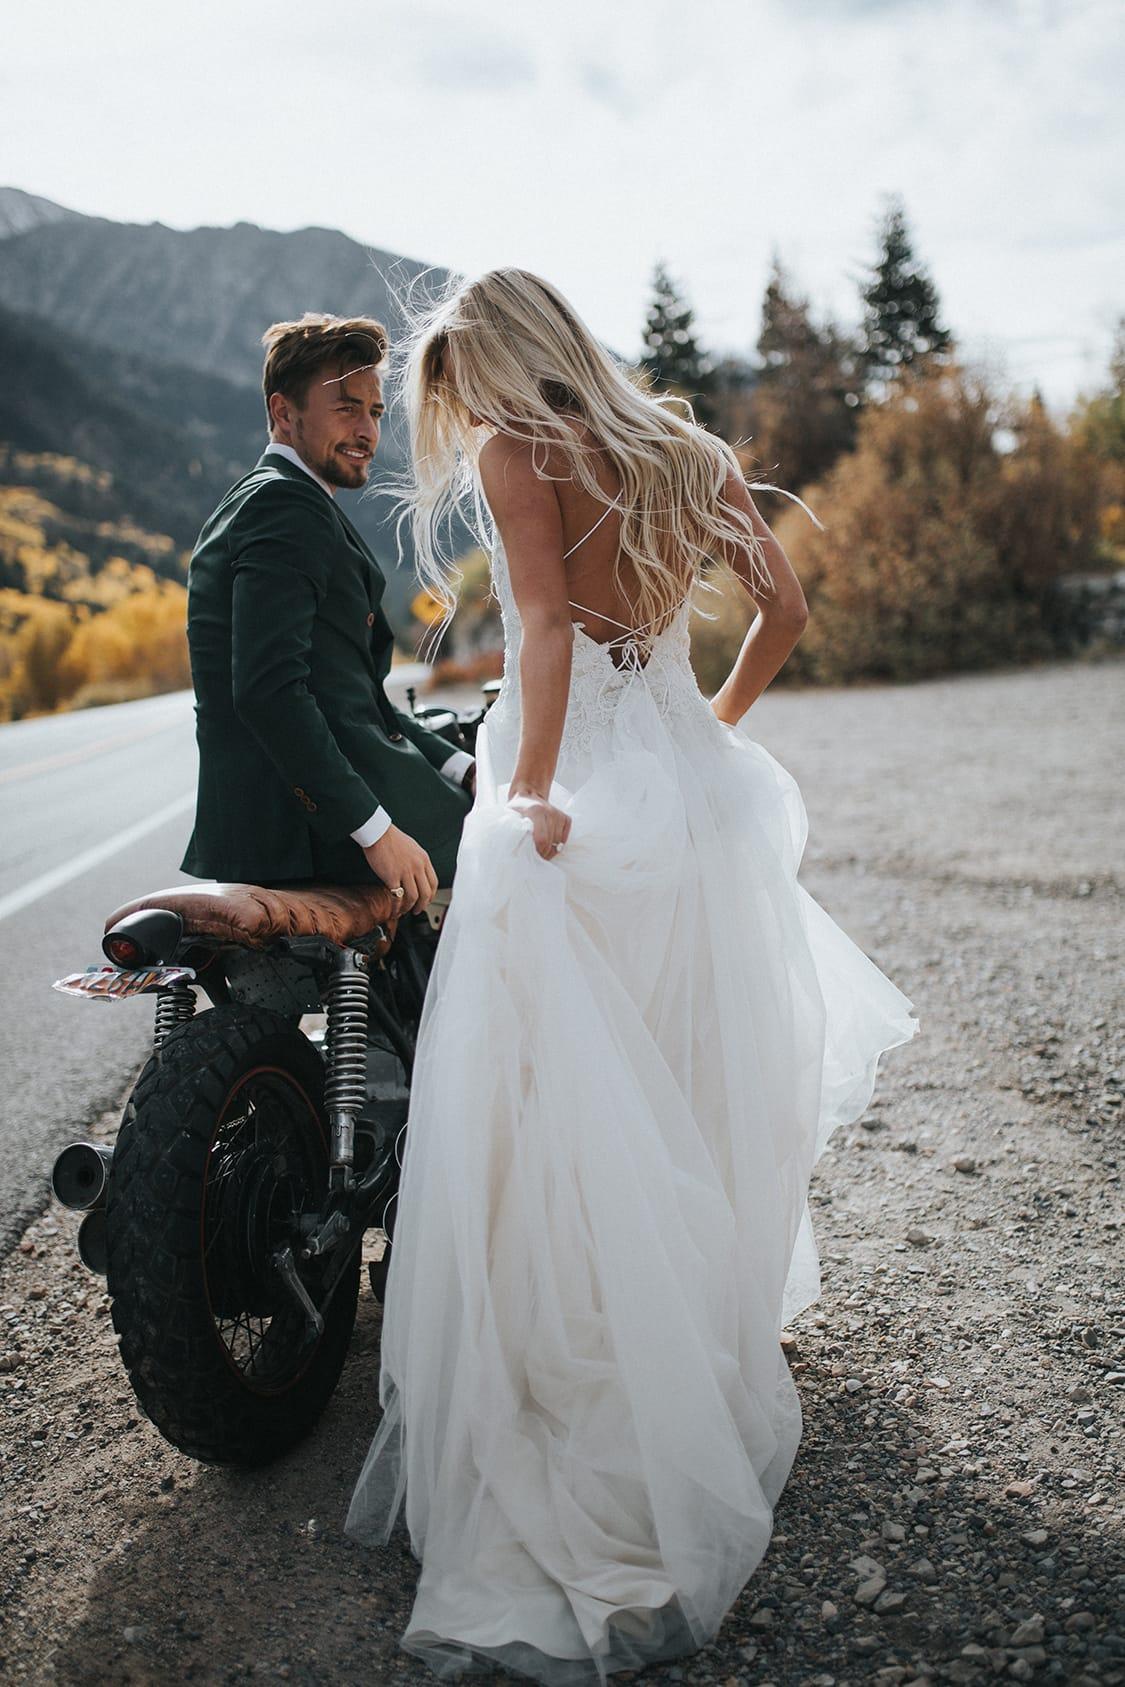 GQ-worthy Groom, Motorbike and Beautiful Bride In Marjorie